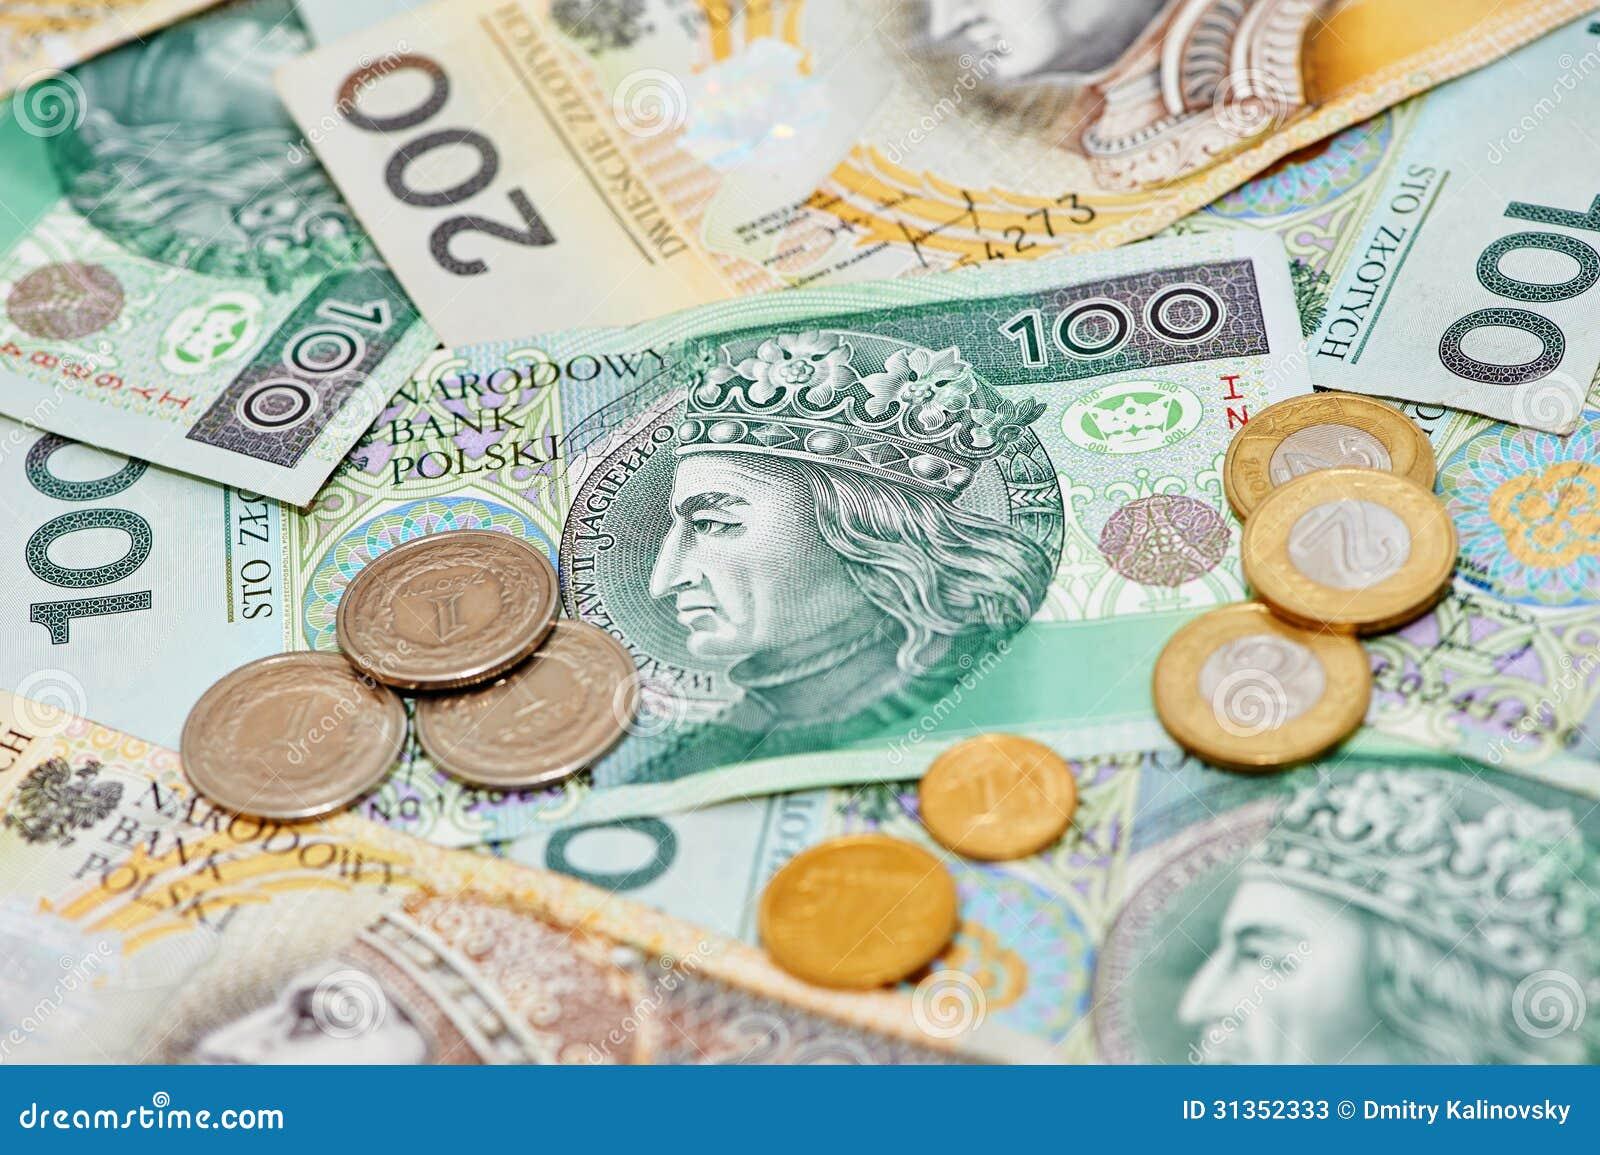 波兰币_波兰货币金钱擦亮剂兹罗提钞票和硬币.特写镜头.